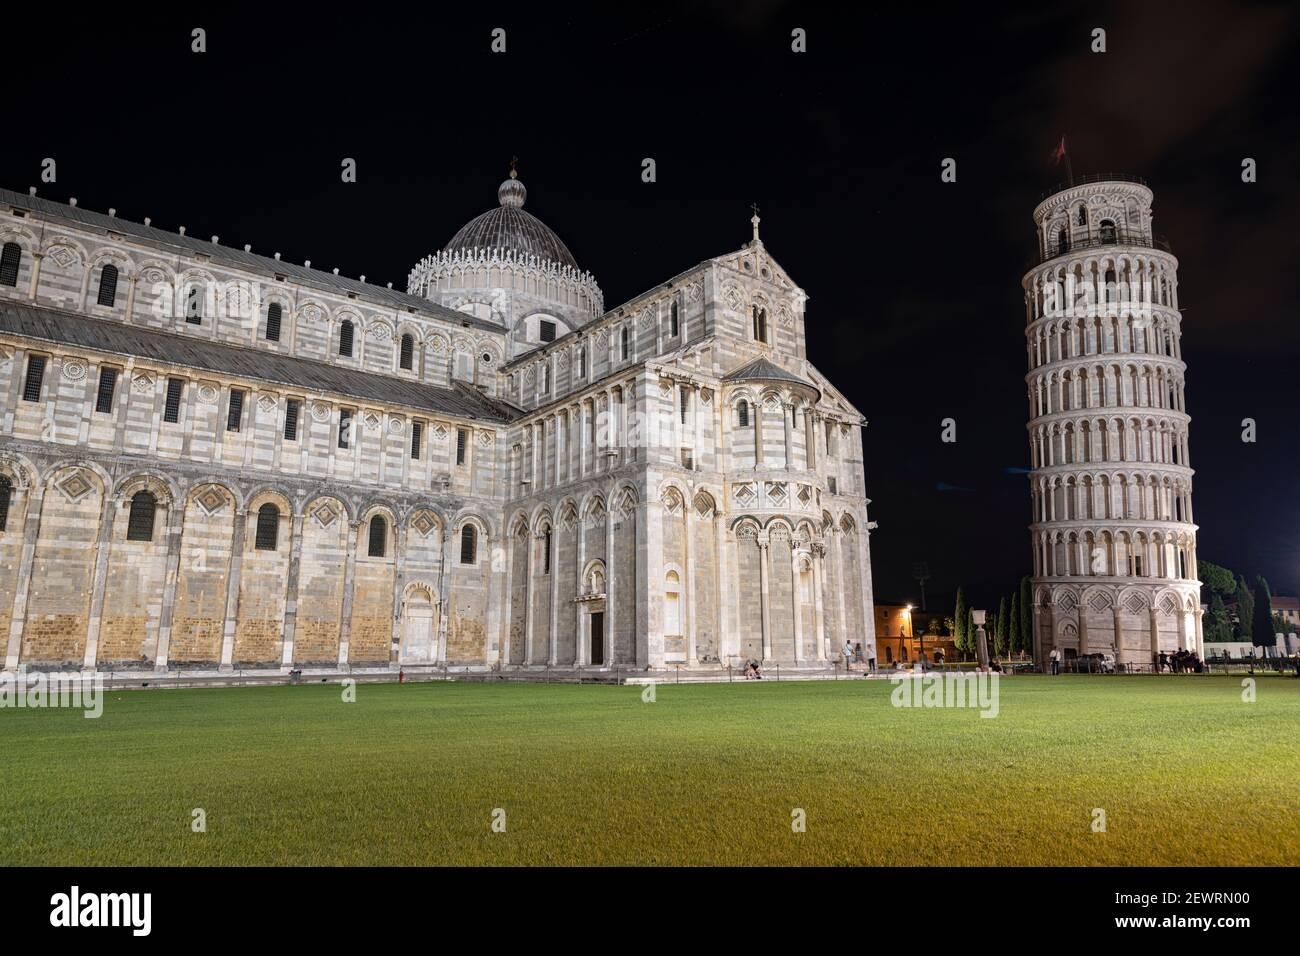 Catedral (Duomo) y Torre inclinada por la noche, Piazza Dei Miracoli, Patrimonio de la Humanidad de la UNESCO, Pisa, Toscana, Italia, Europa Foto de stock